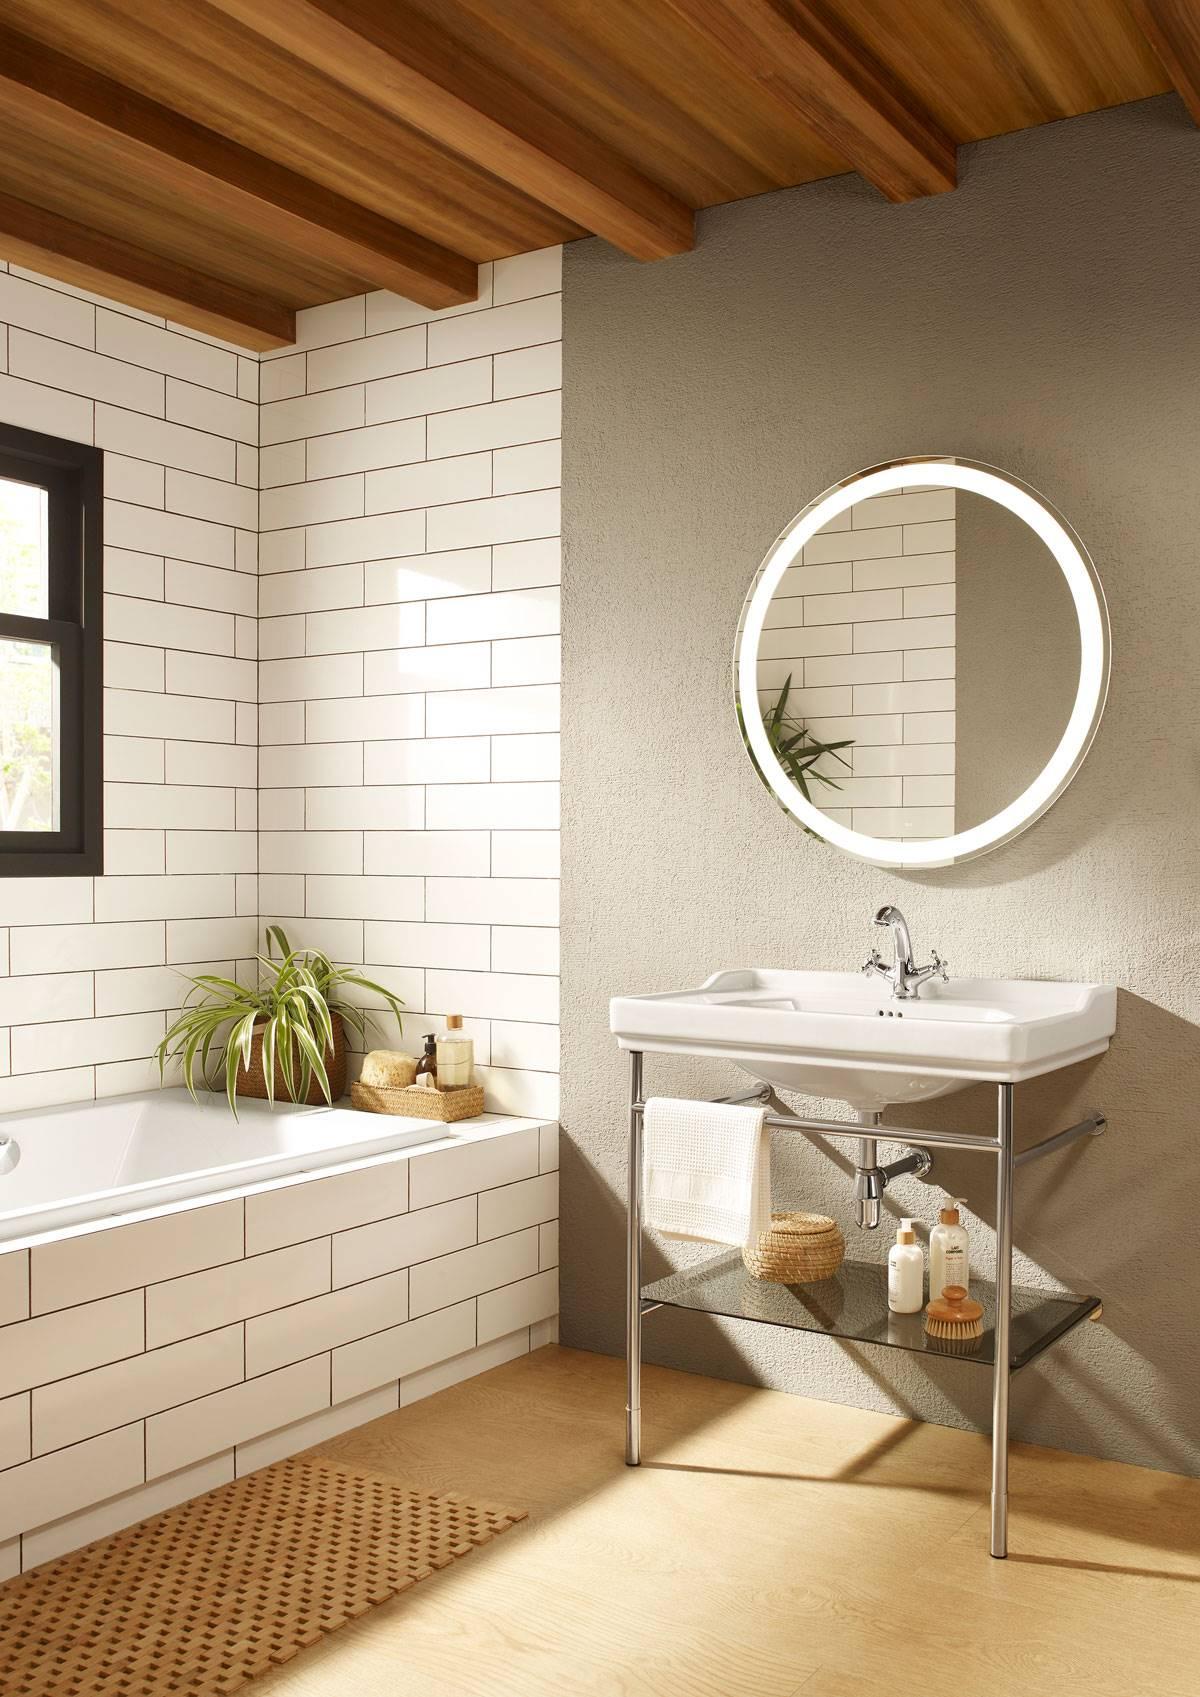 676ad57ab58a Suelos y paredes del baño: de cerámica, de microcemento, de madera...